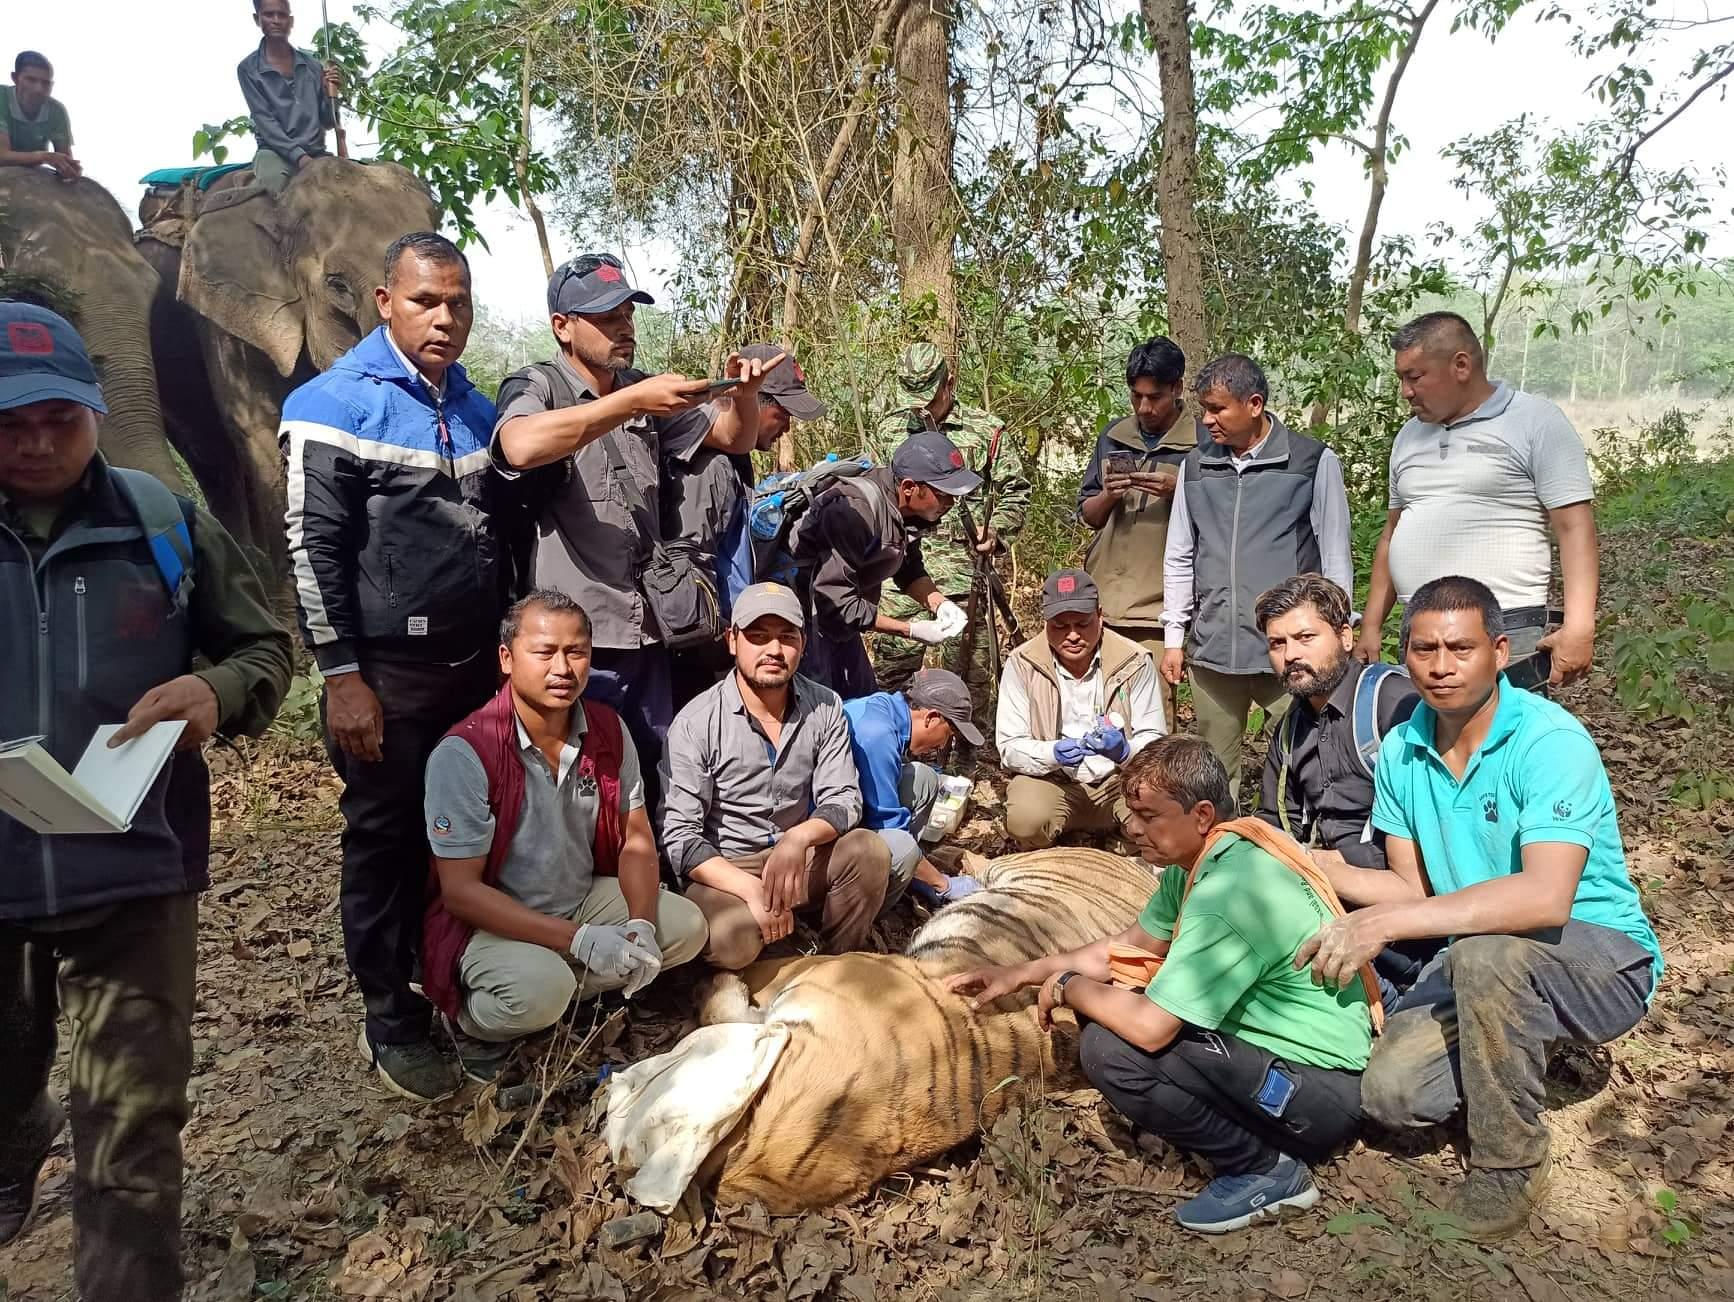 नेपाल–भारतको खाता जैविक मार्ग क्षेत्र बर्दियाबाट मान्छे खाने अर्को बाघ पनि नियन्त्रणमा